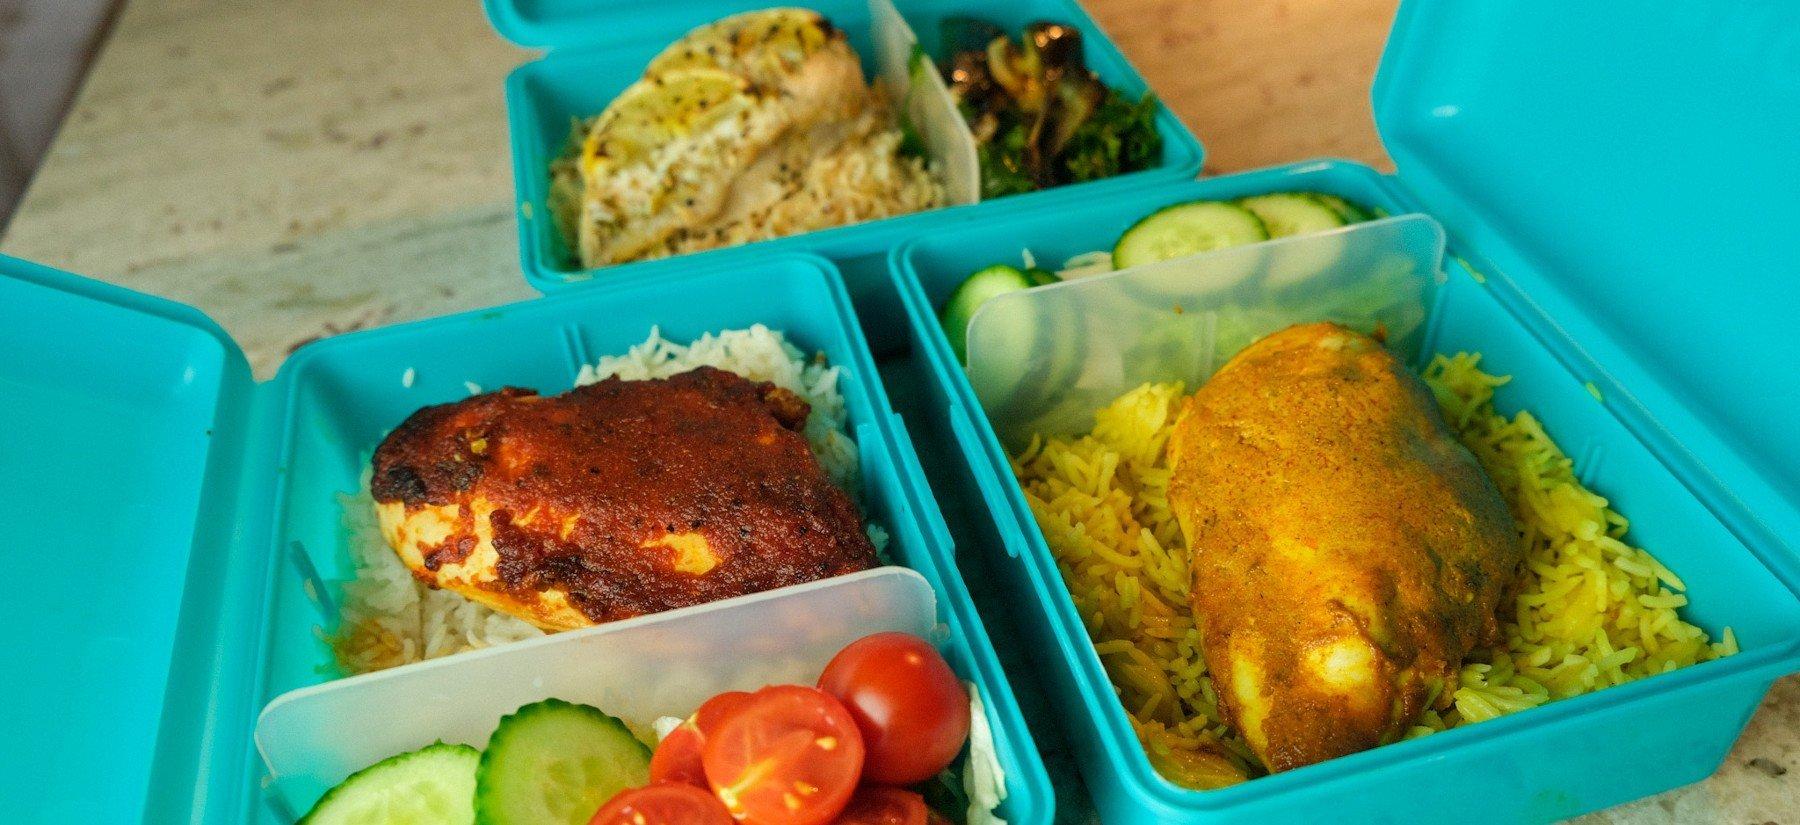 Recette filet de poulet en 3 façons | Du poulet mariné healthy